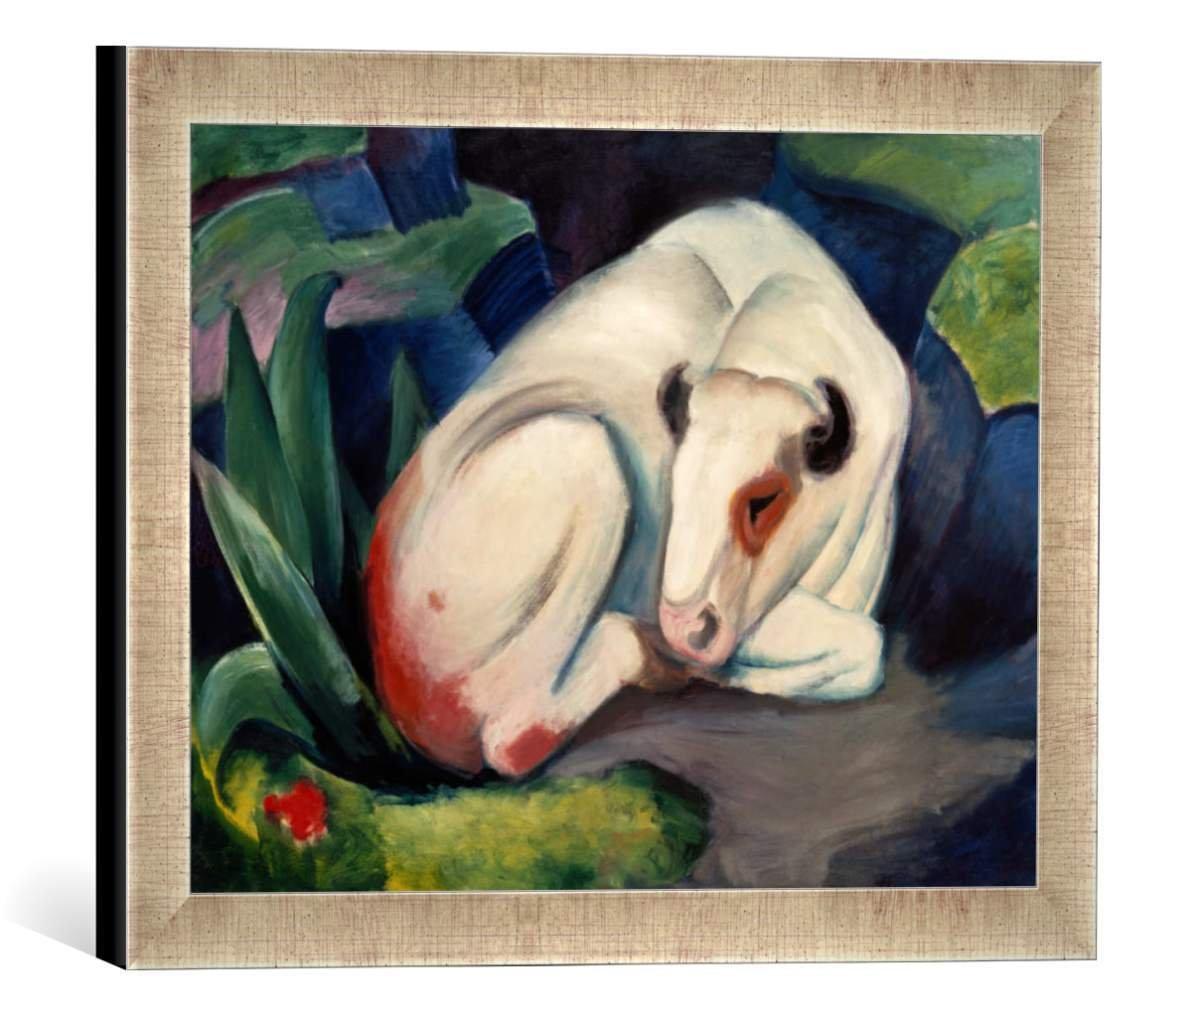 Gerahmtes Bild von Franz Marc Stier, Kunstdruck im hochwertigen handgefertigten Bilder-Rahmen, 40x30 cm, Silber Raya